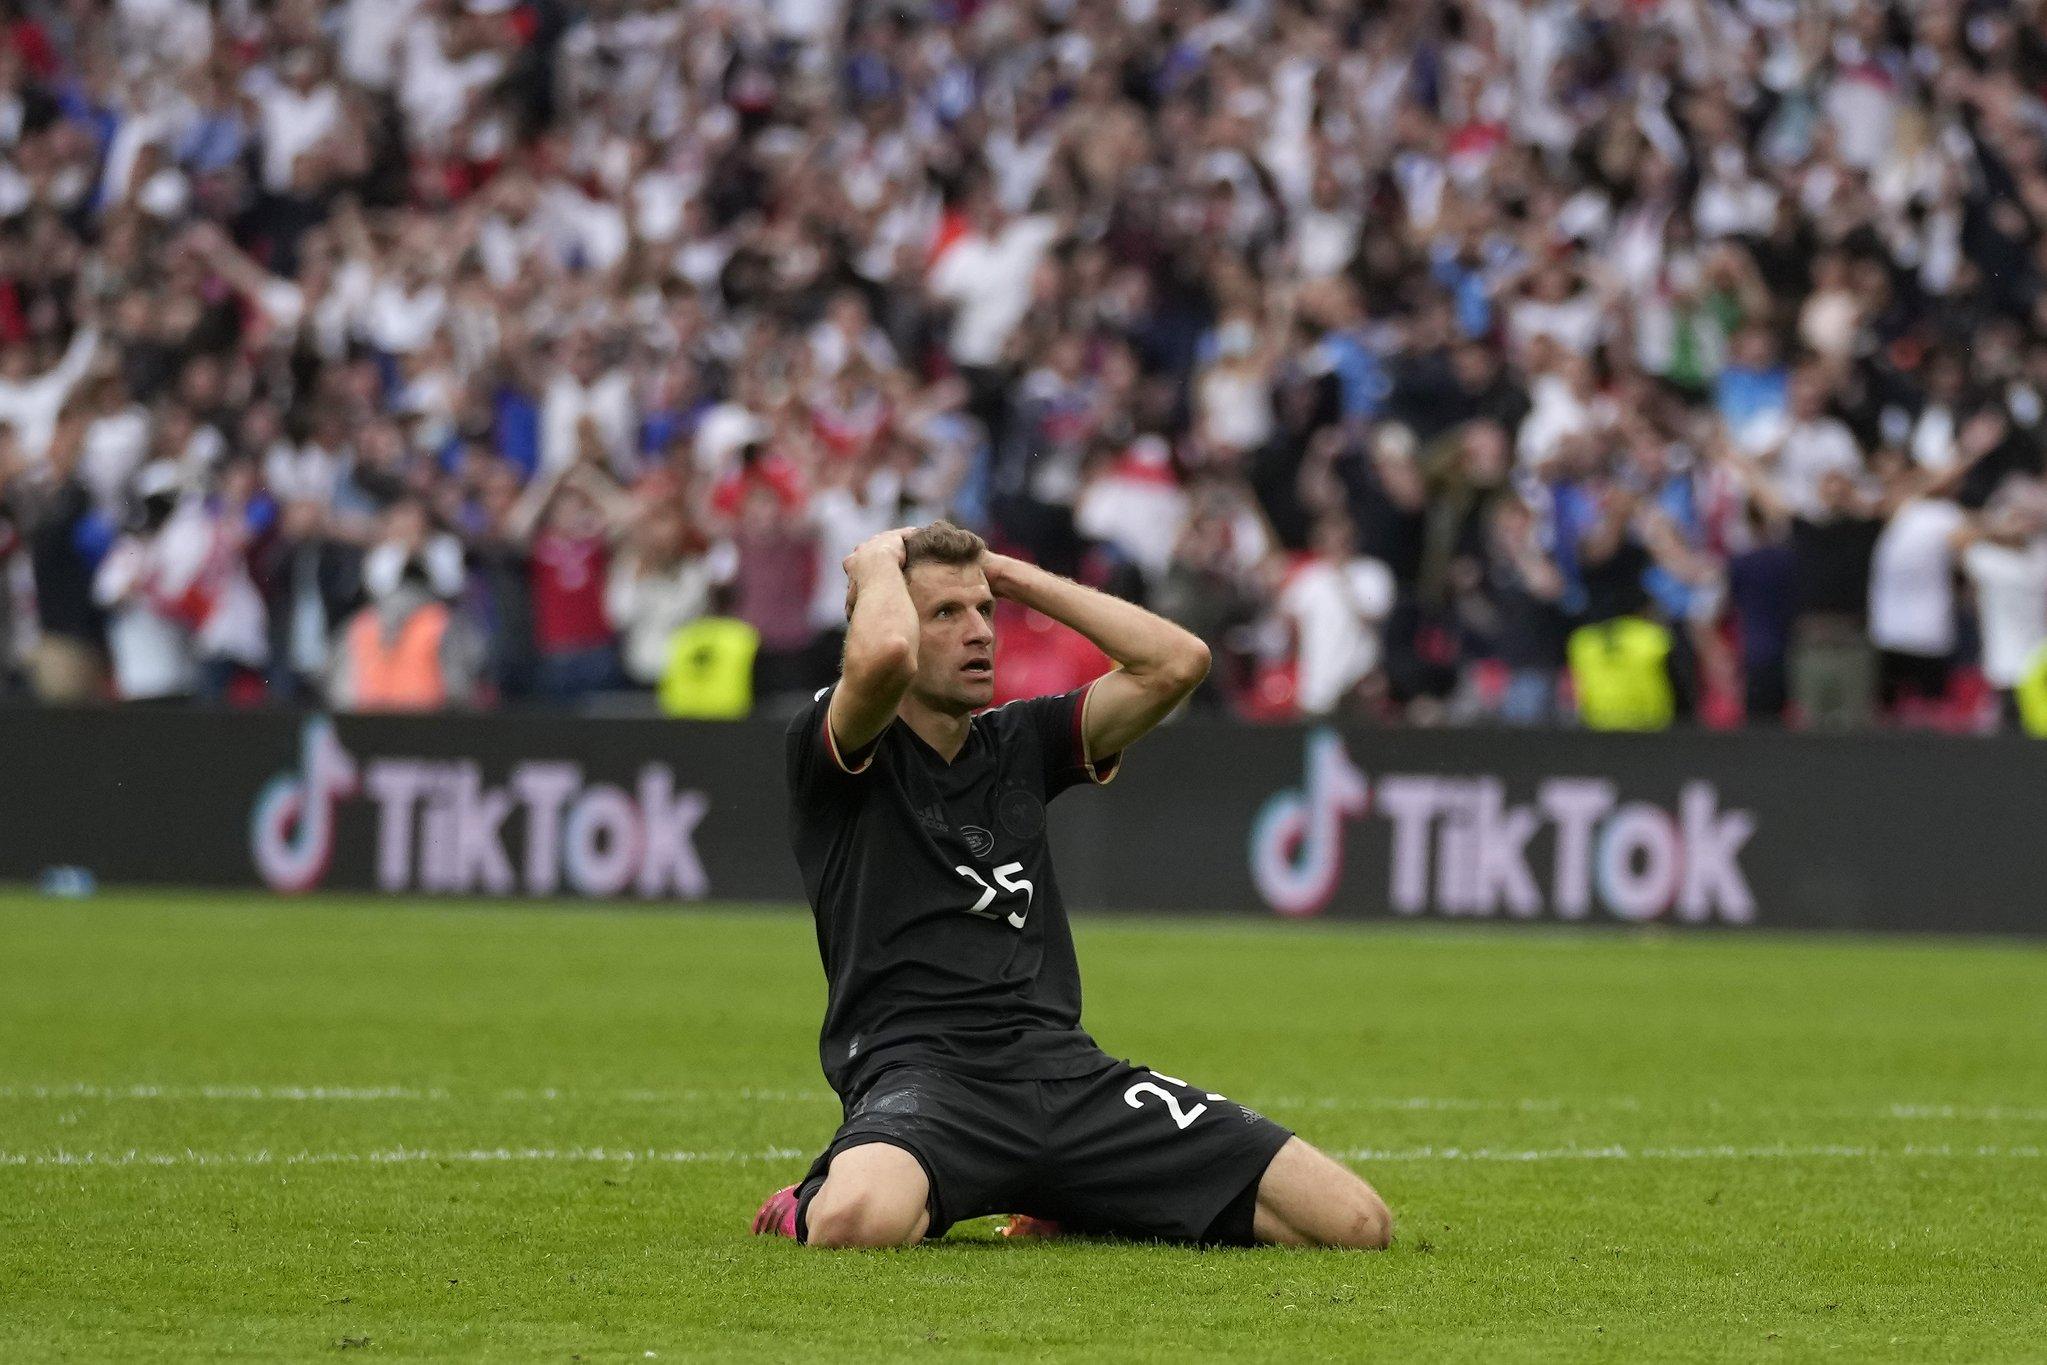 """""""Më dhemb në shpirt, më vjen keq për të gjithë"""", Muller i shkatërruar për rastin e humbur"""